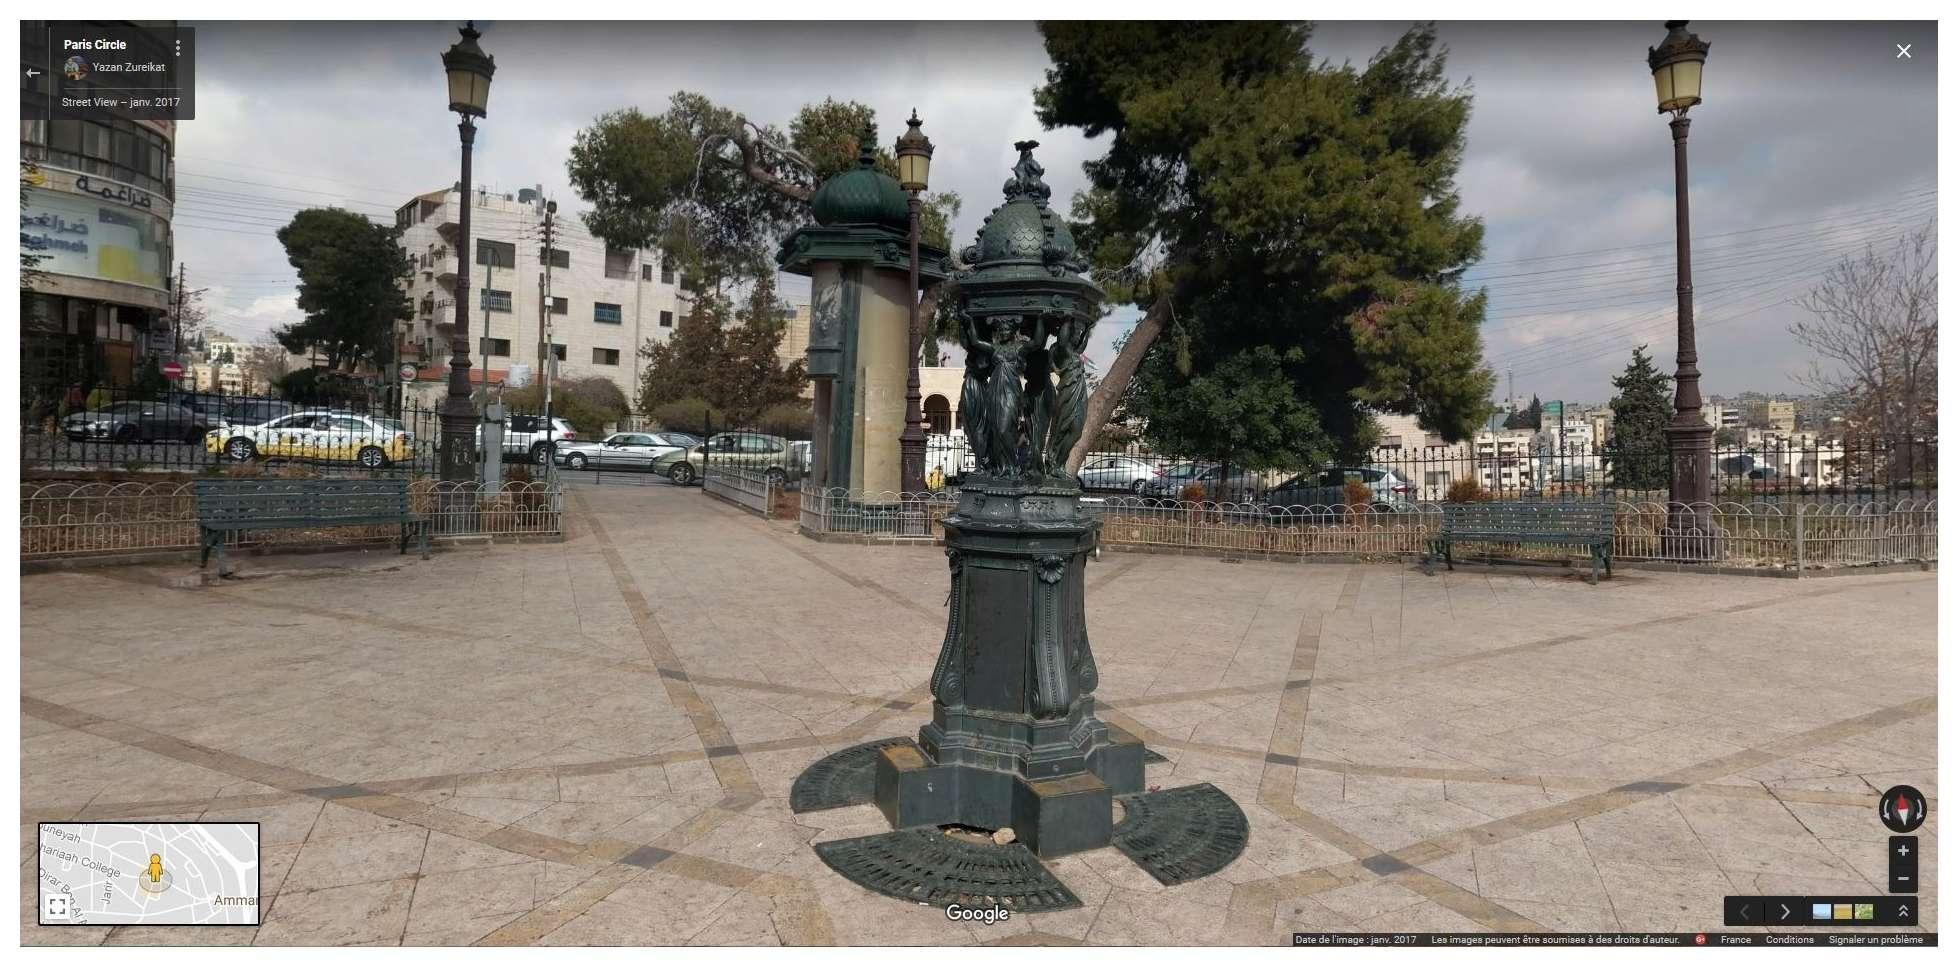 STREET VIEW : les cartes postales de Google Maps - Page 2 Tsge_195